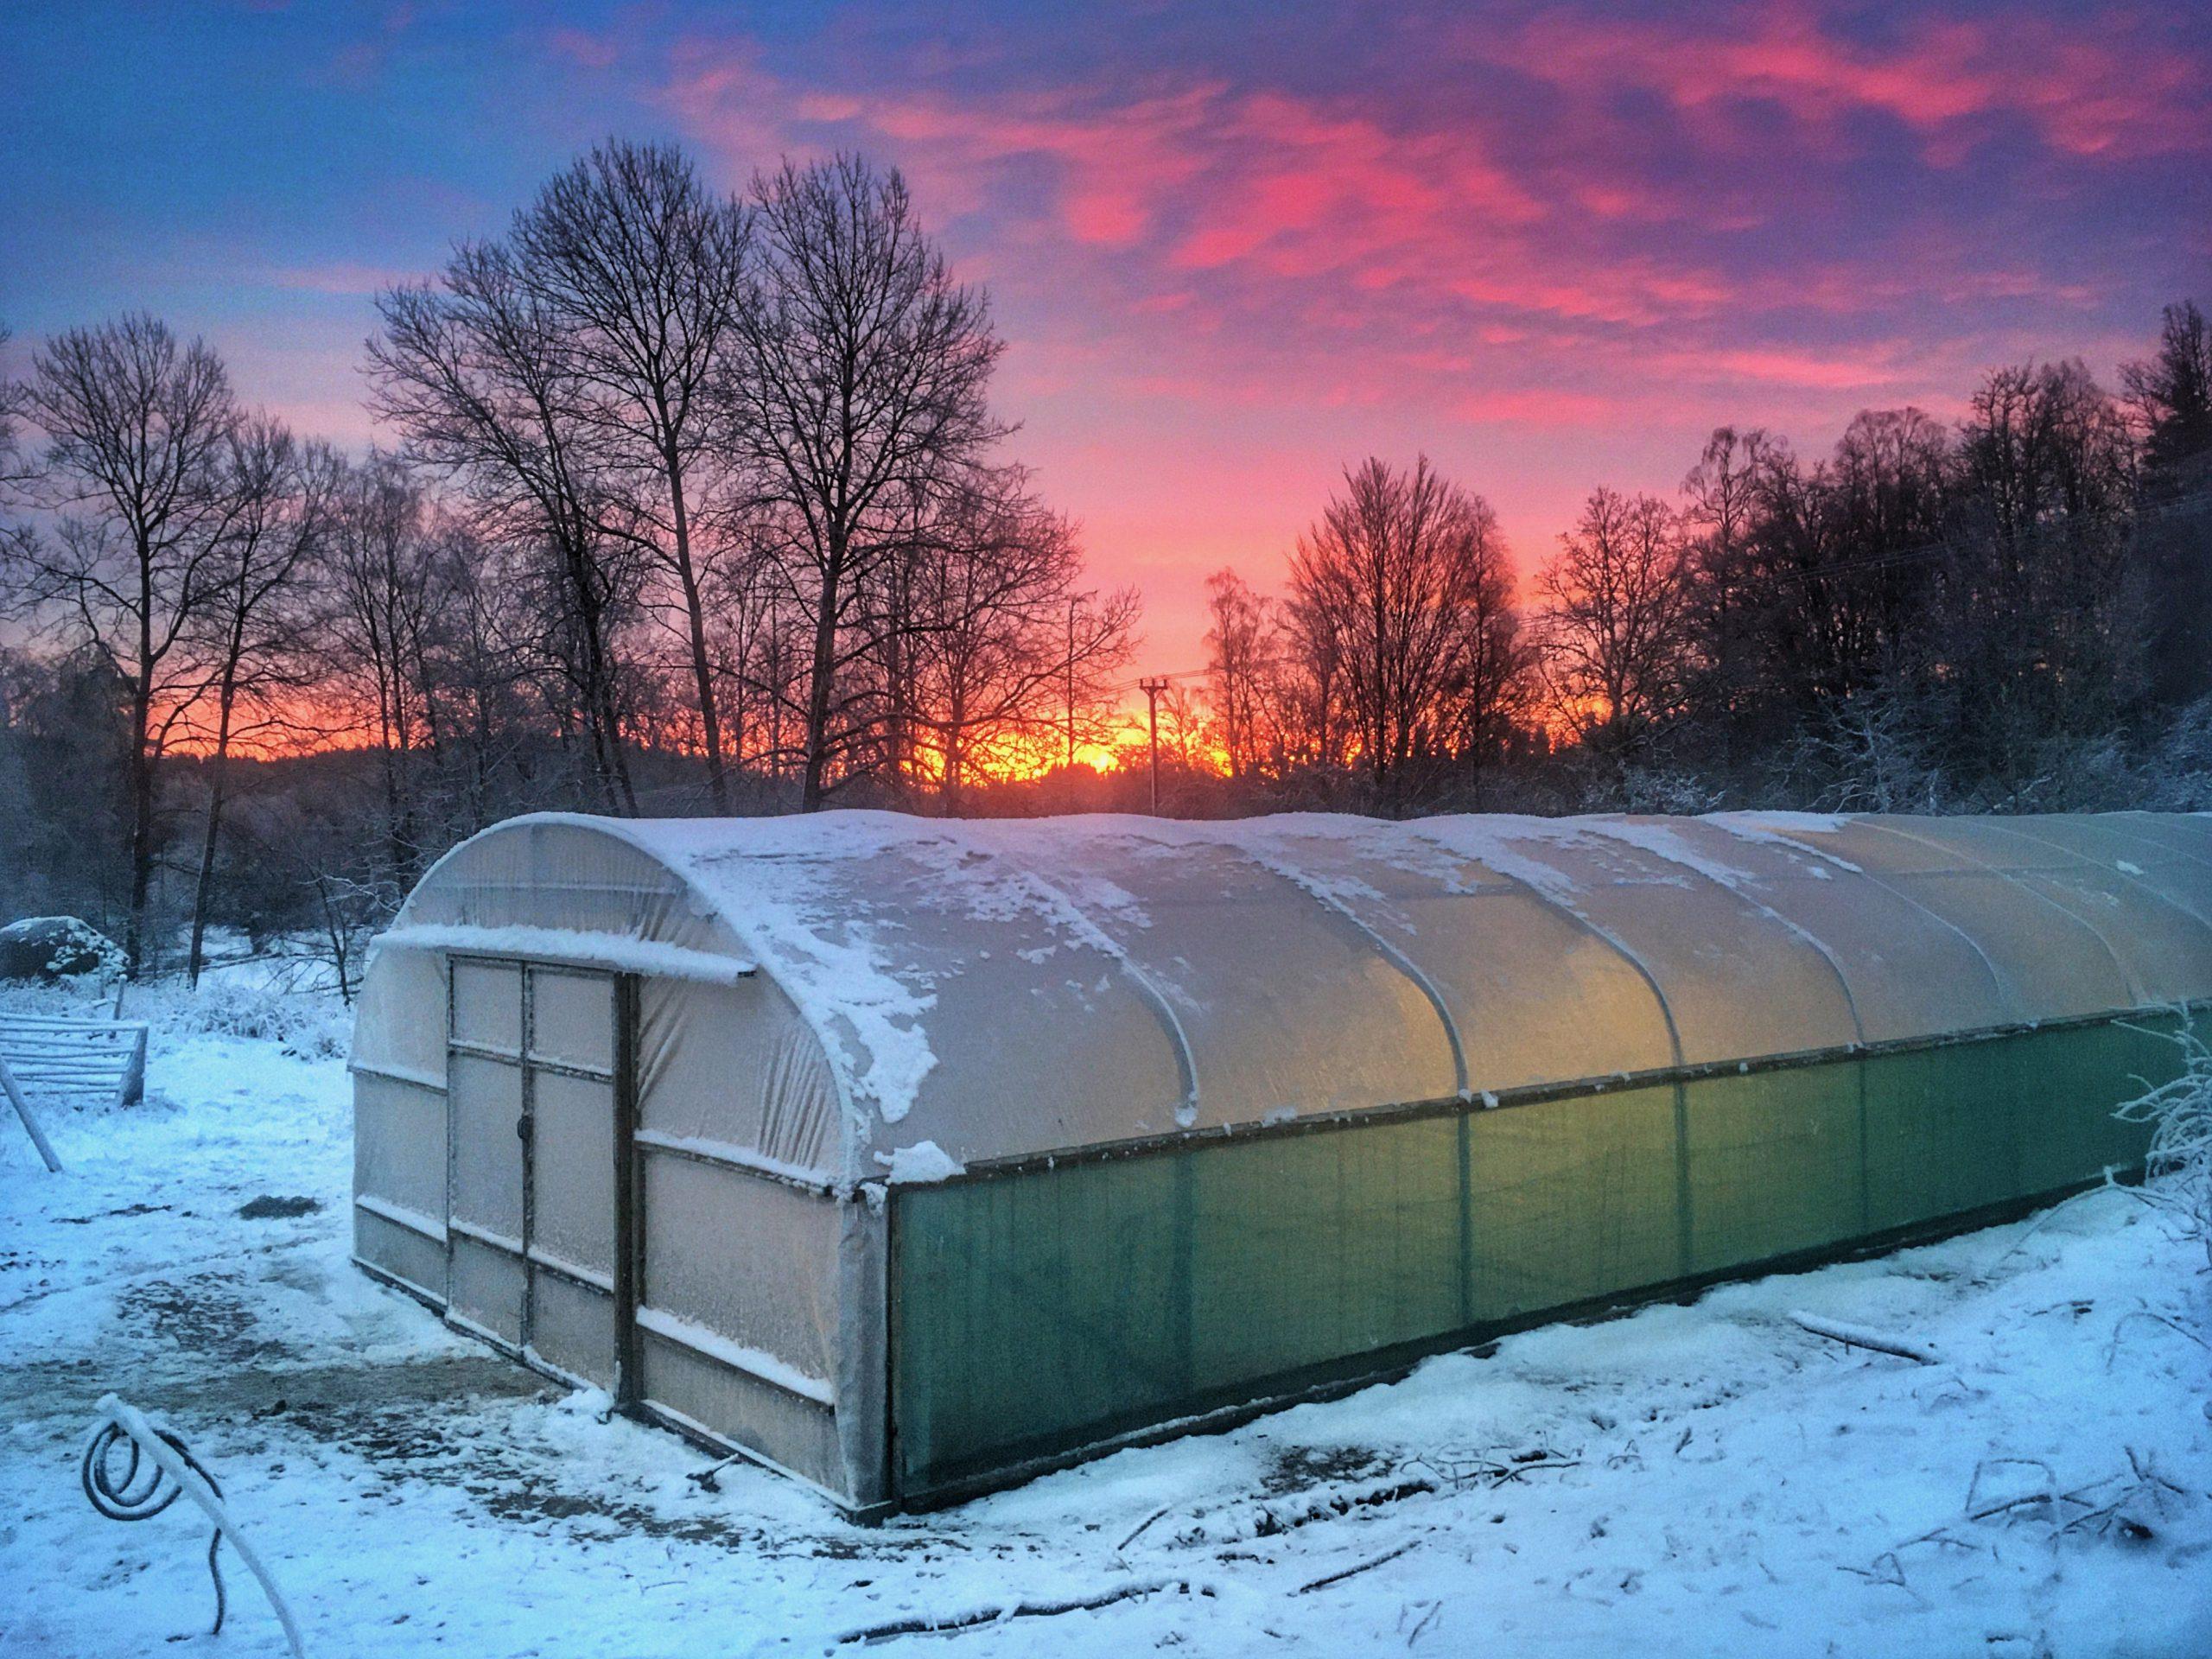 Polytunneln en vinterdag